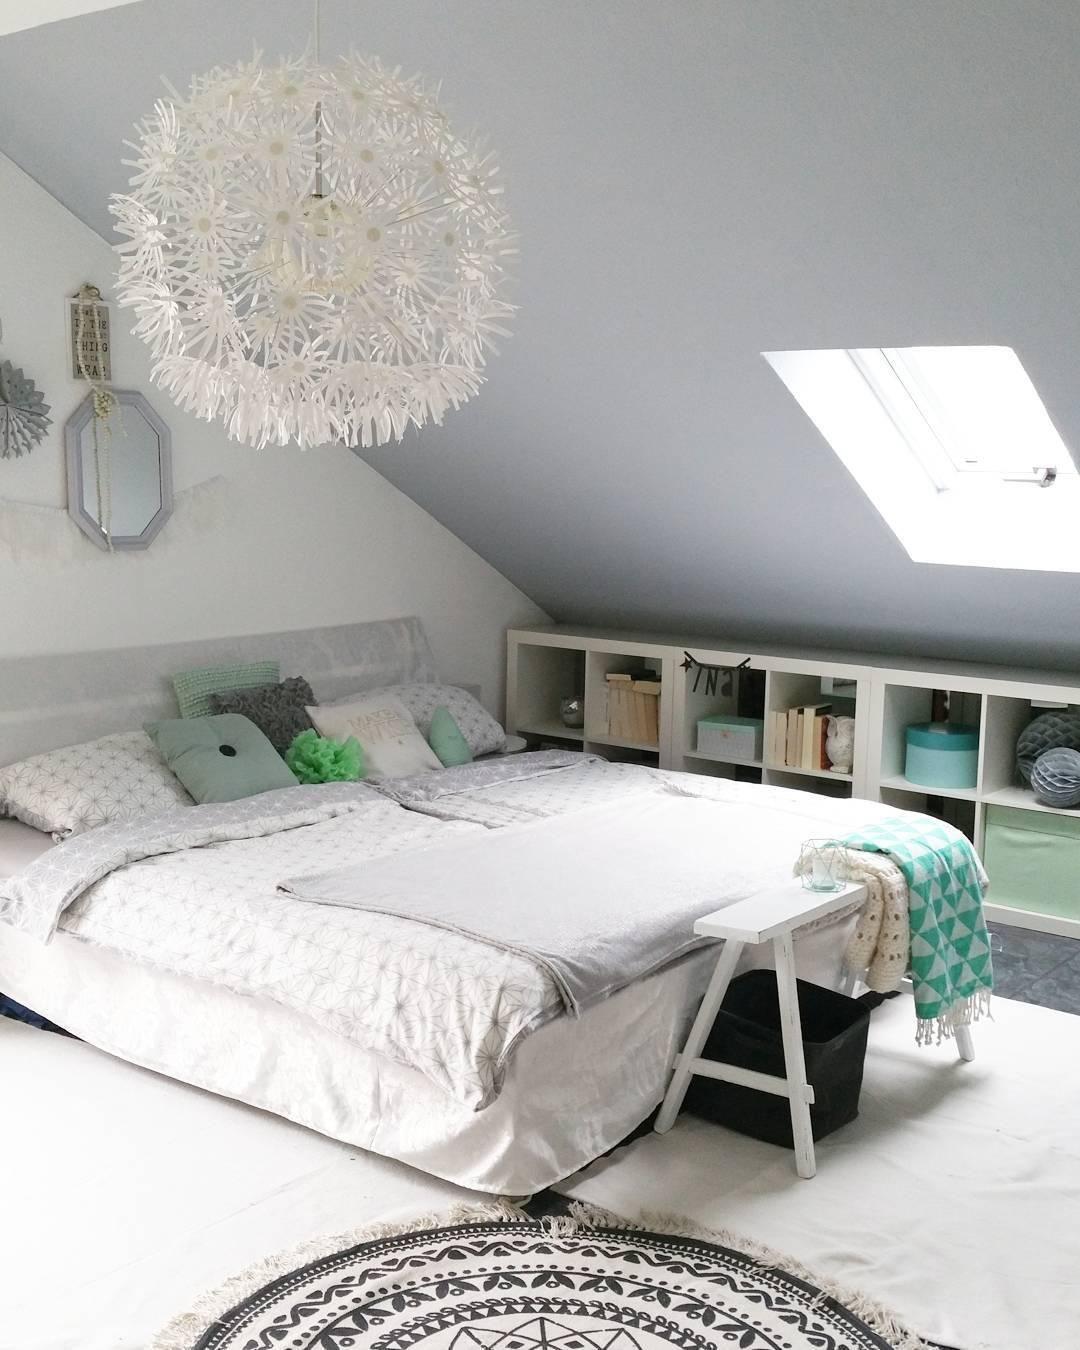 Bedroom Goals! In diesem Schlafzimmer passt jedes Detail: sanfte ...